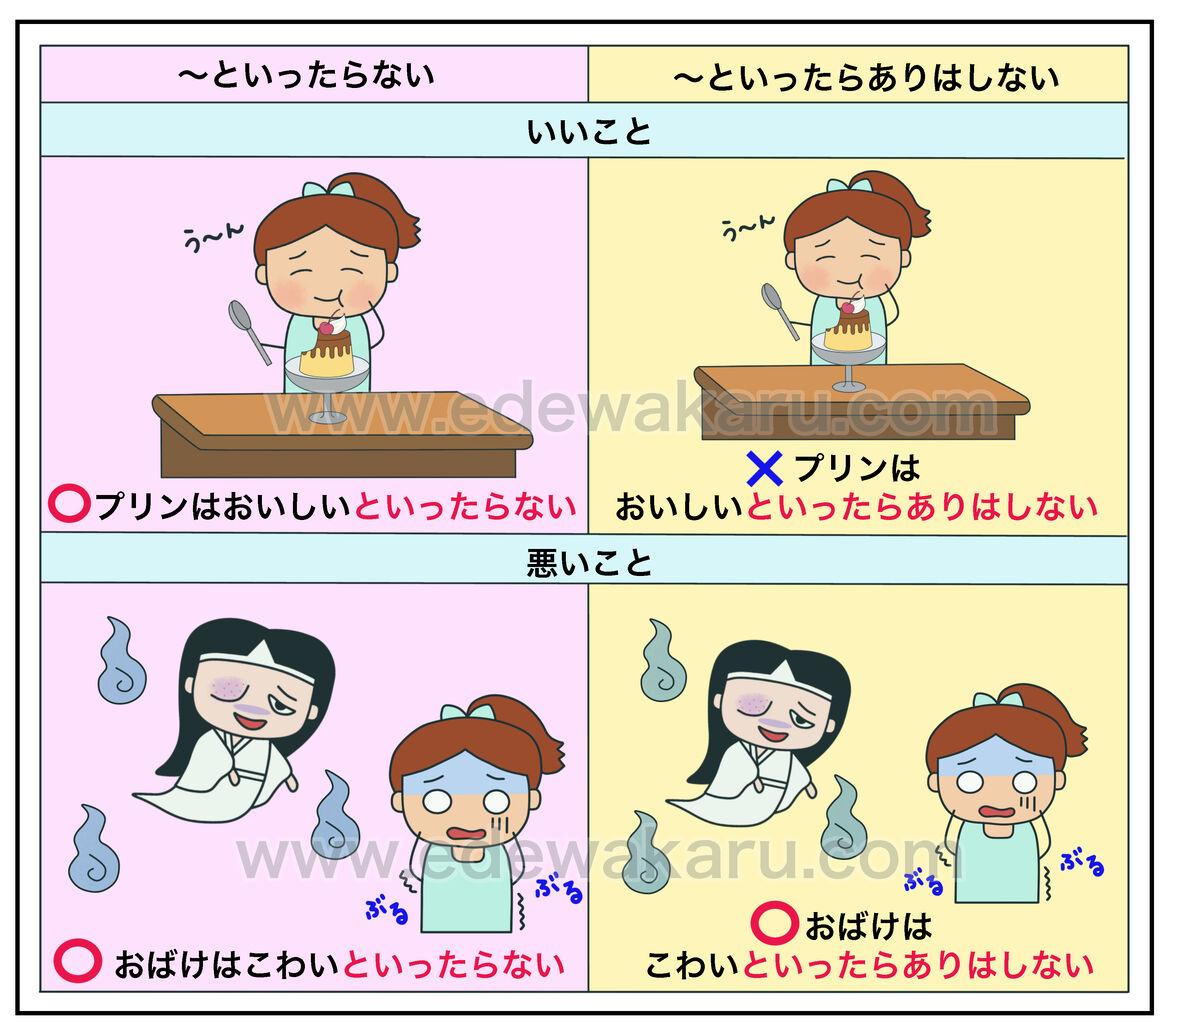 といったらない vs 〜といったらありはしない : 絵でわかる日本語